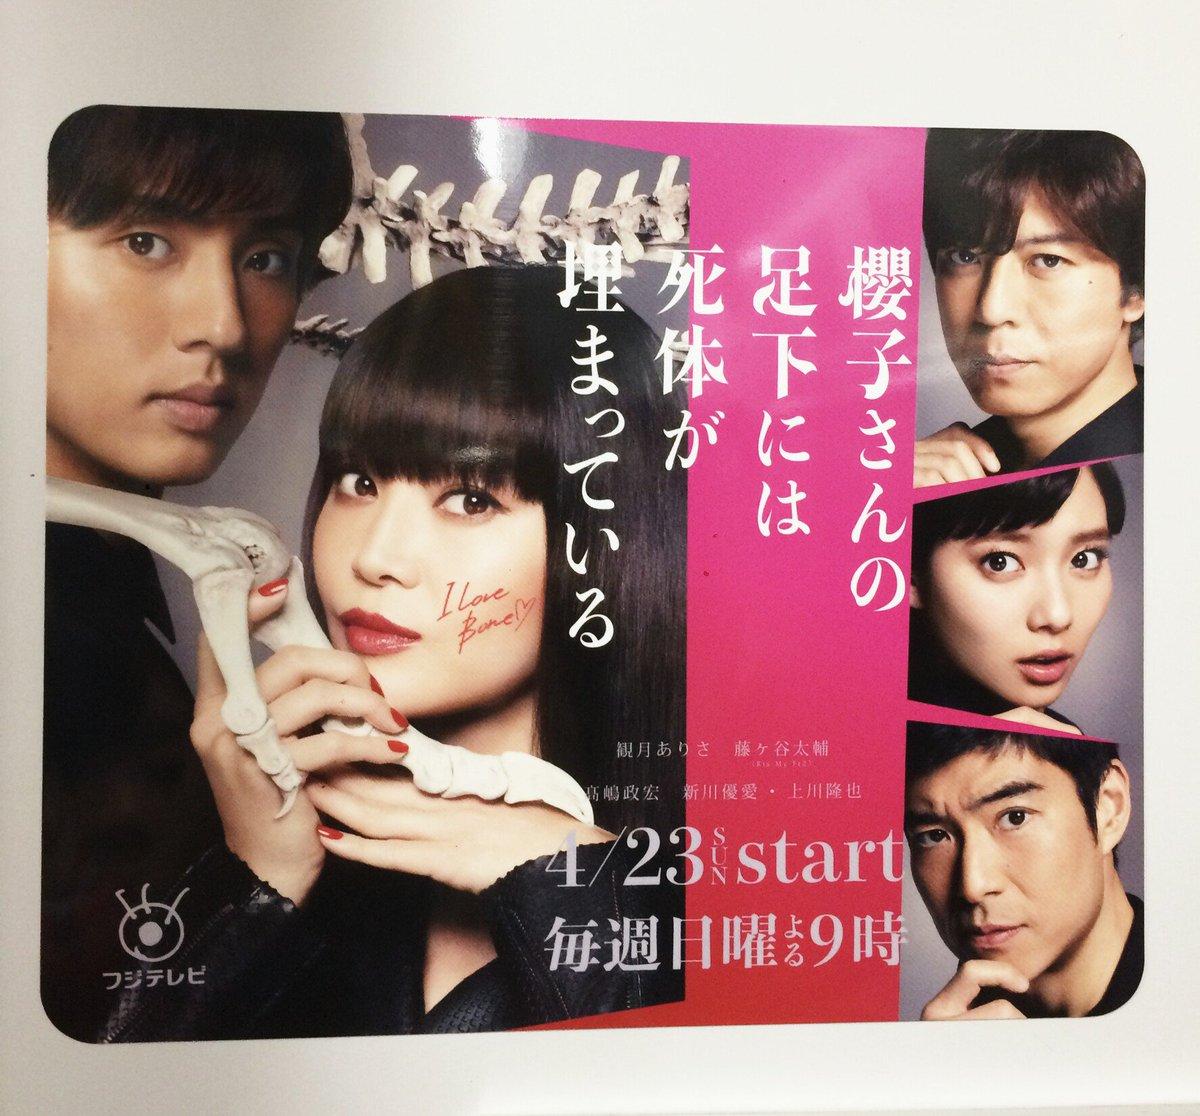 山手線の中に「櫻子さんの足下には死体が埋まっている」のポスターというかシールがあったよ相変わらず藤ヶ谷さん、美しい✨